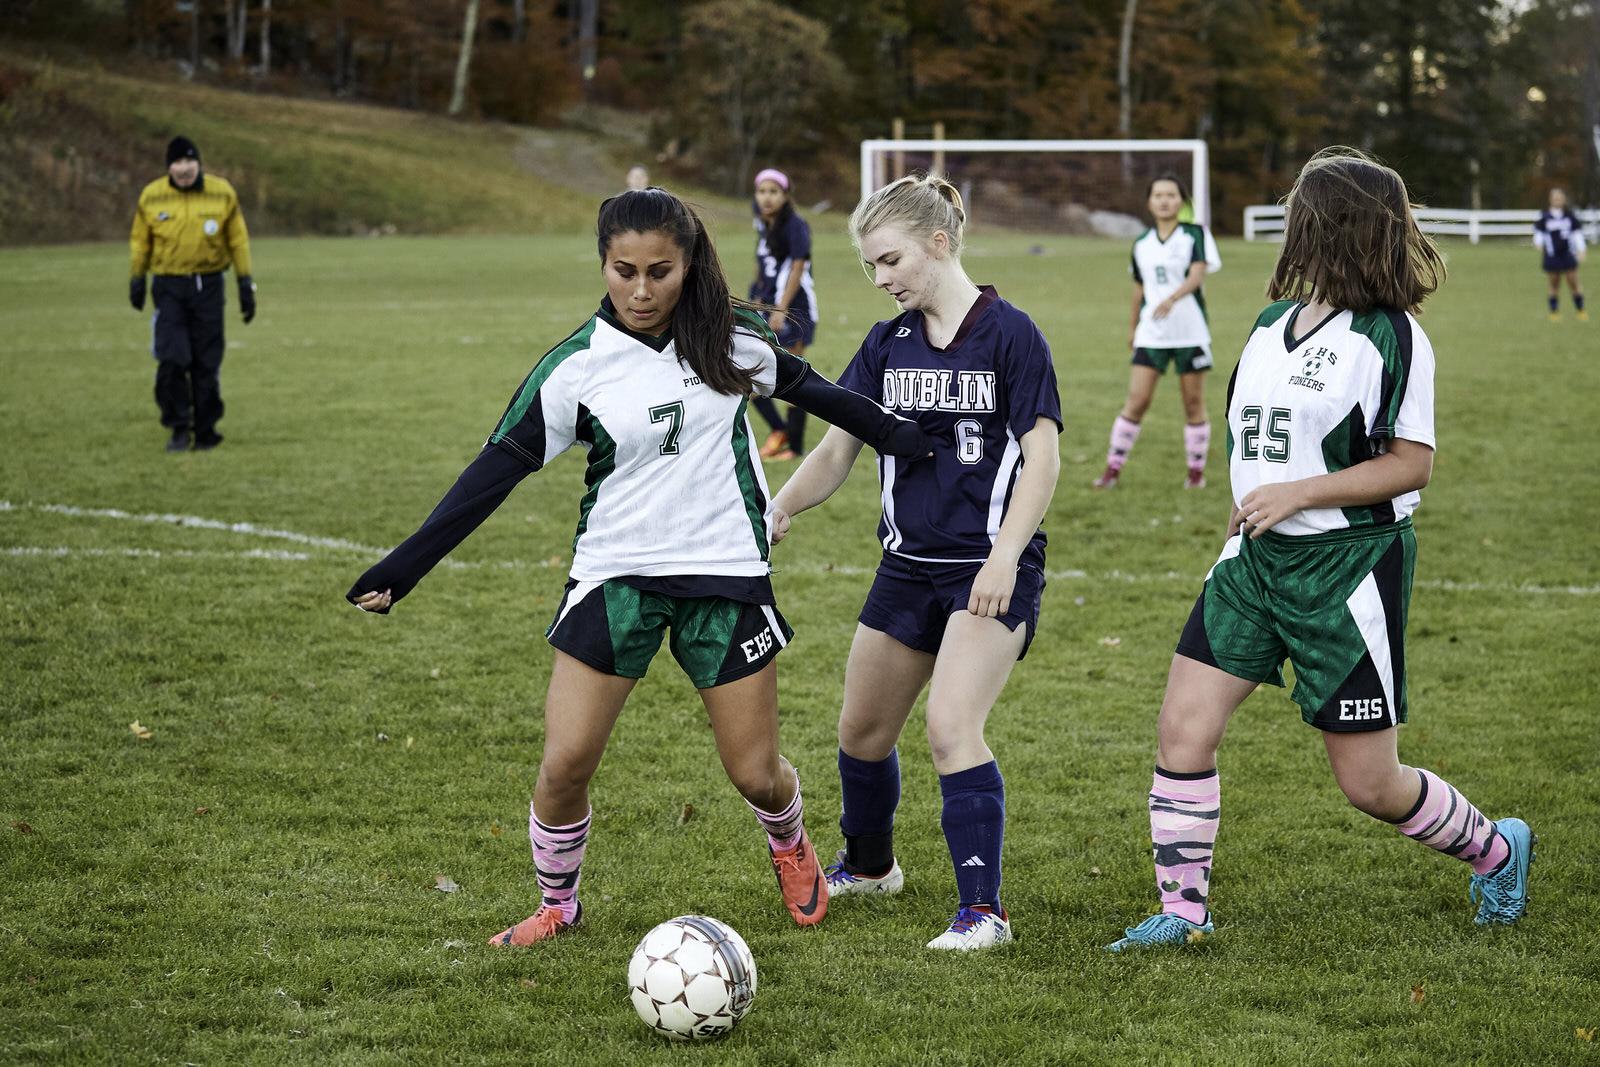 Girls Varsity Soccer vs. Eagle Hill School - October 30, 2018 139381.jpg